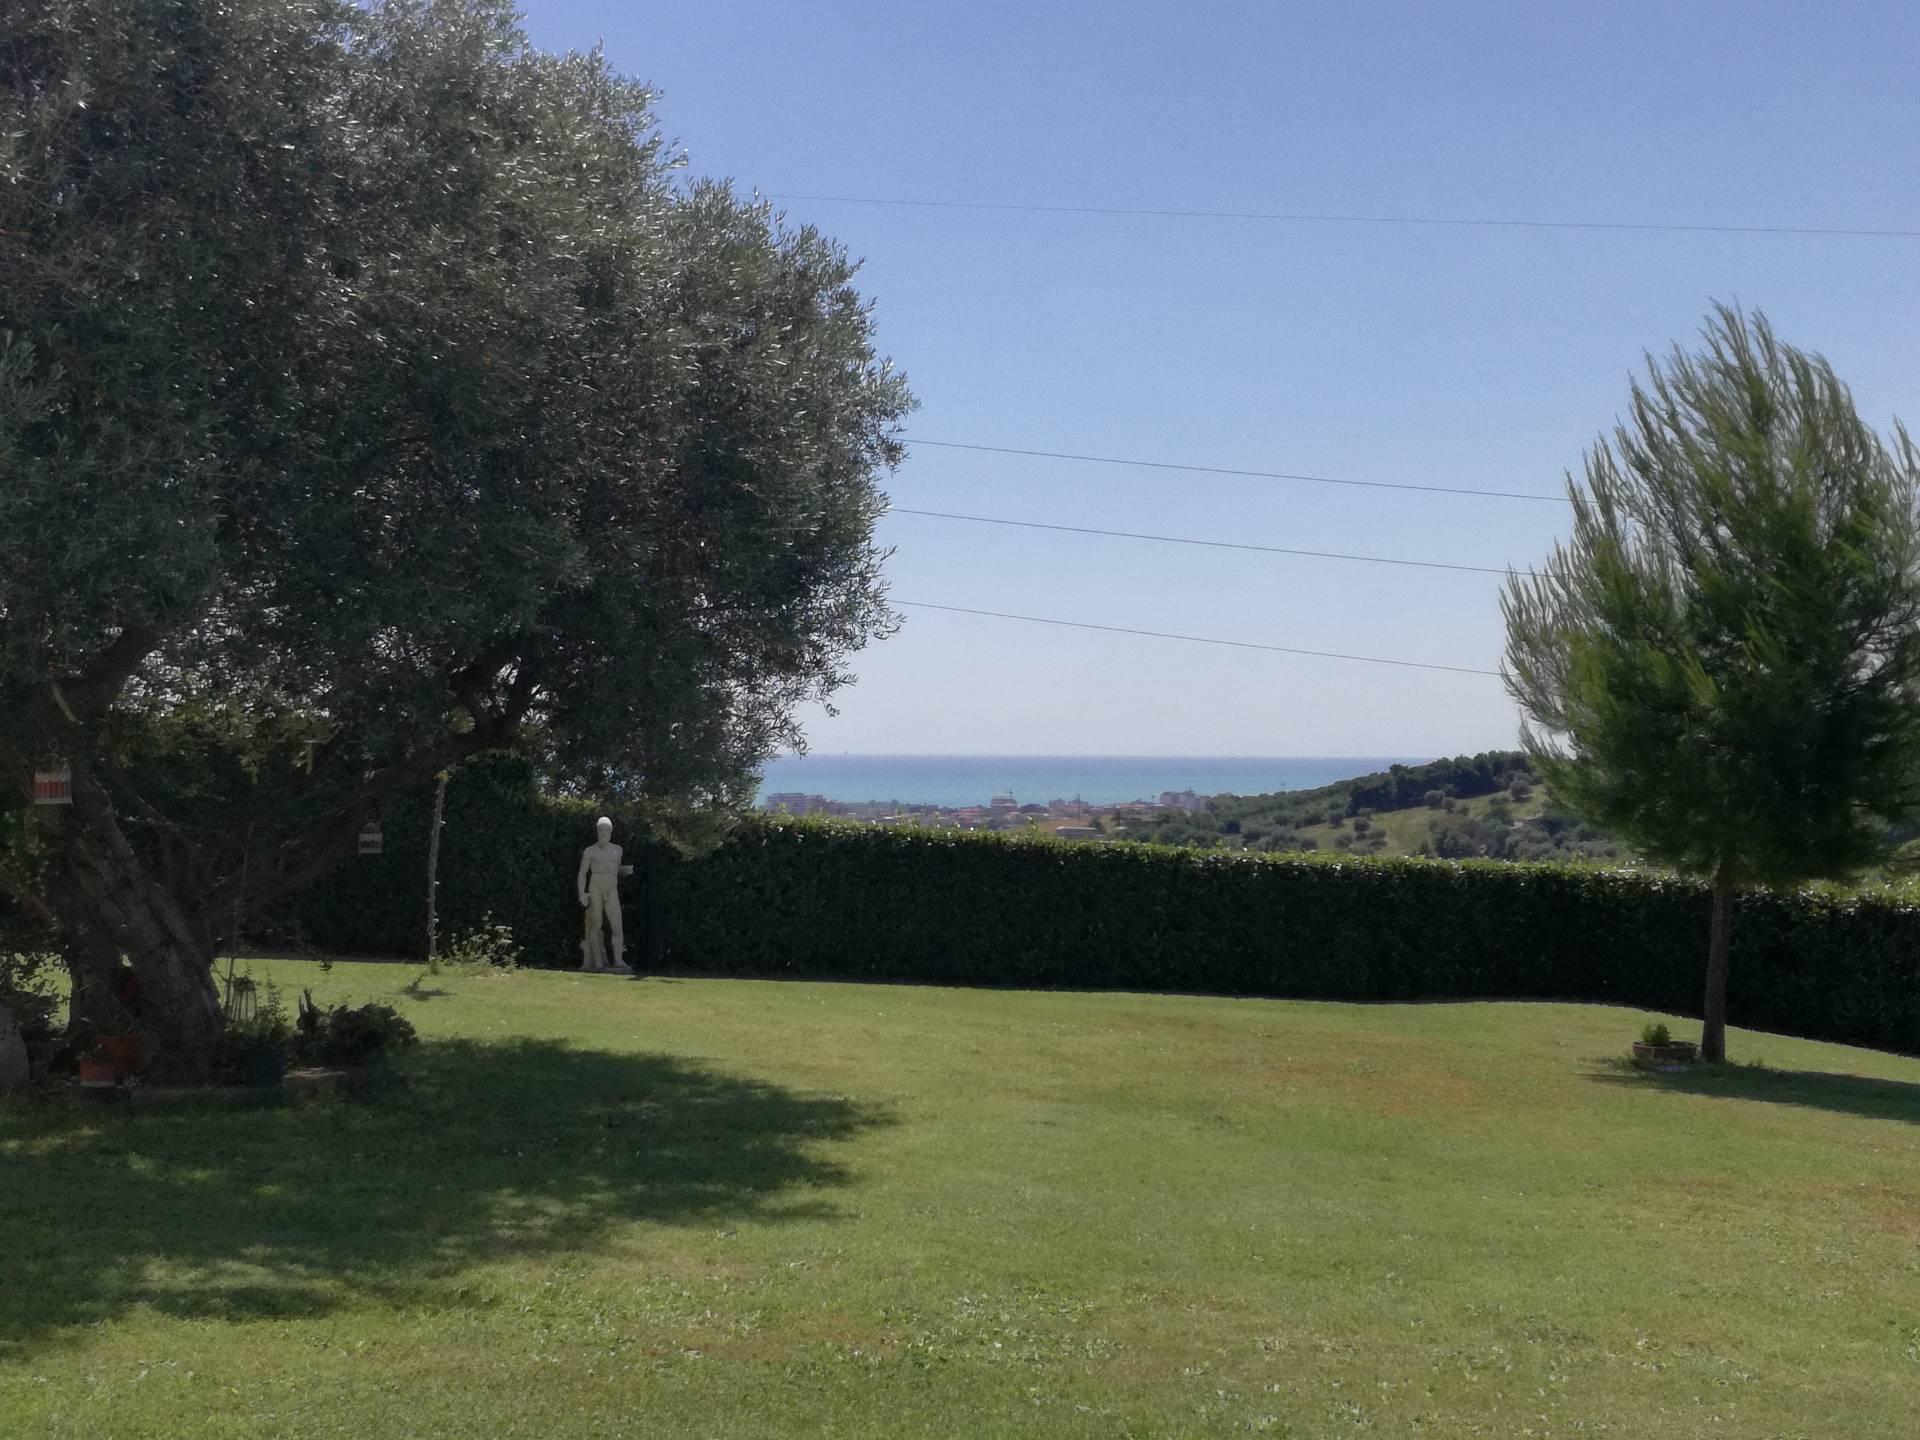 Villa in affitto a San Benedetto del Tronto, 5 locali, zona Località: Zonapanoramica, prezzo € 600 | CambioCasa.it